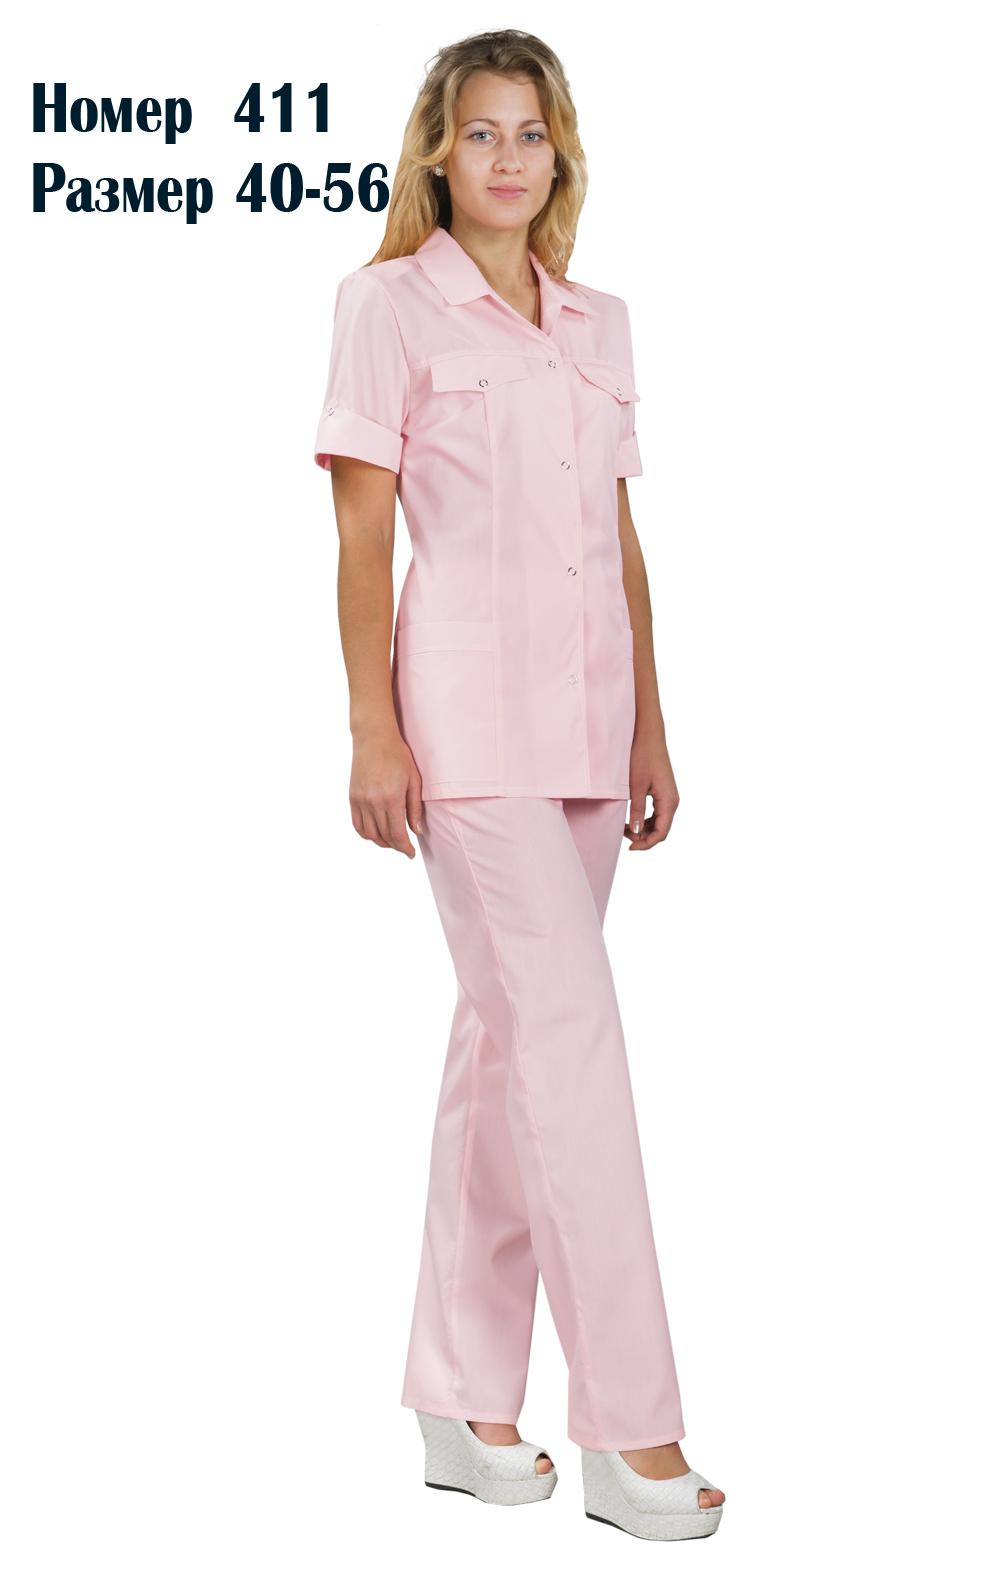 Костюм женский медицинский с брюками 3/4 рукав №411Костюмы, кофты, брюки<br><br><br>Размер: 56